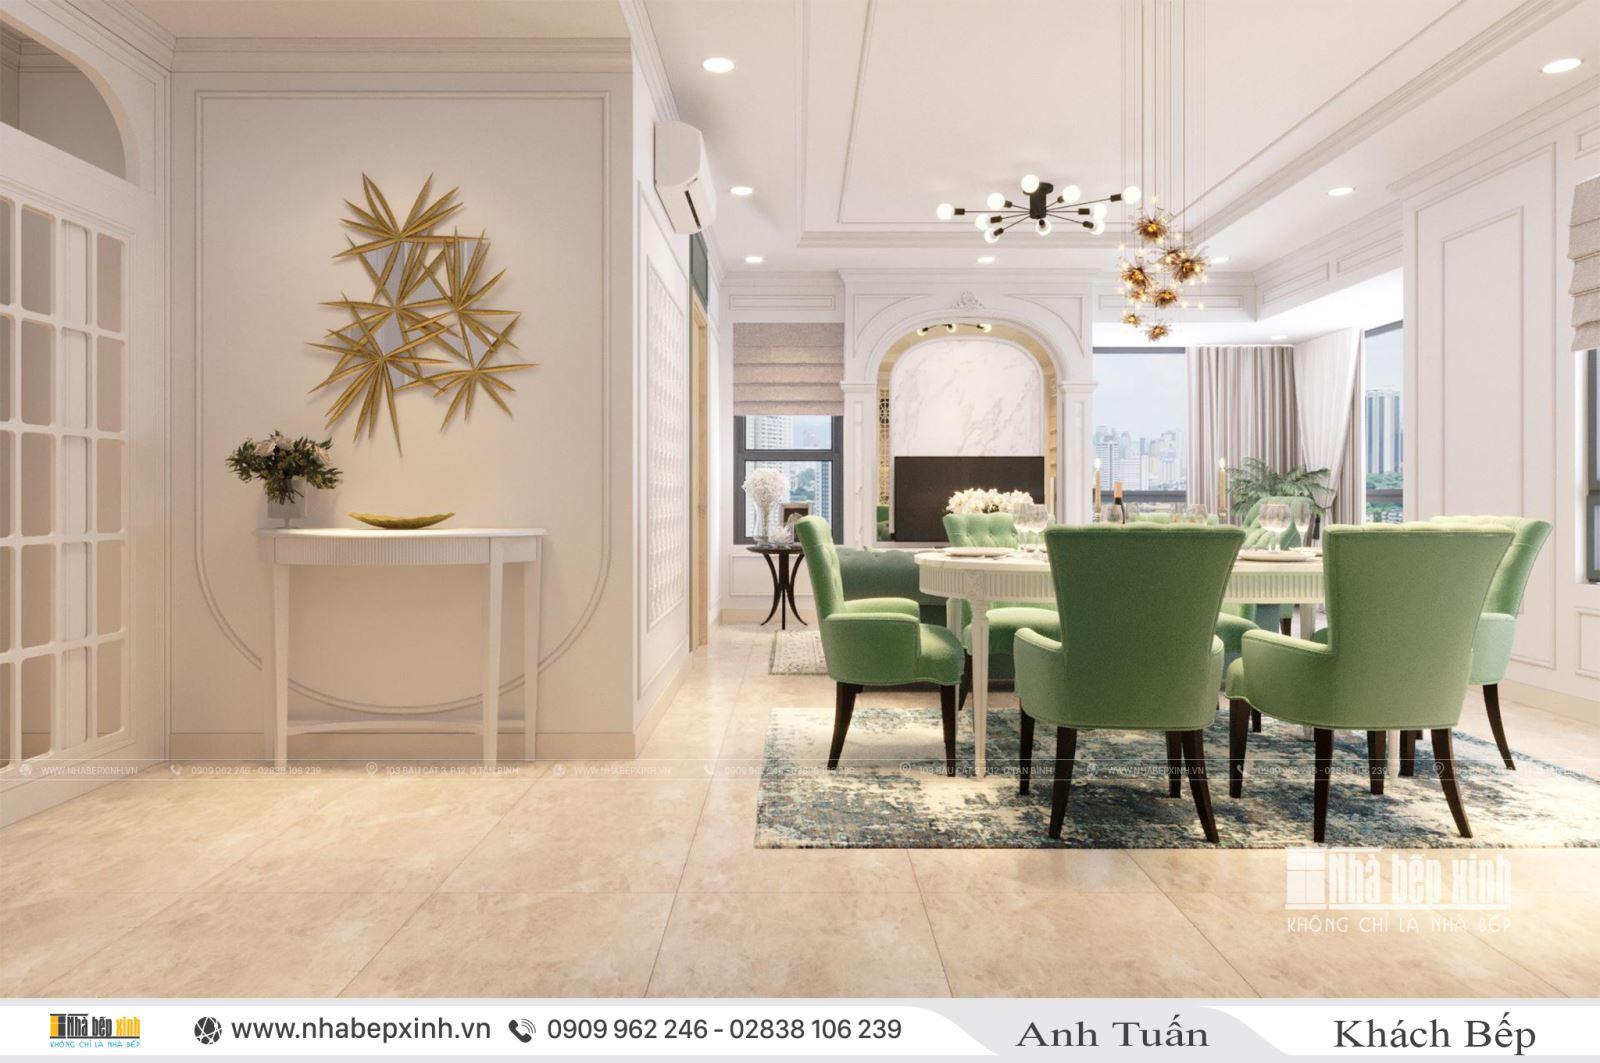 Nội thất phòng khách - bếp sang trọng - Phong cách tân cổ điển tại chung cư Emerald Celadon City